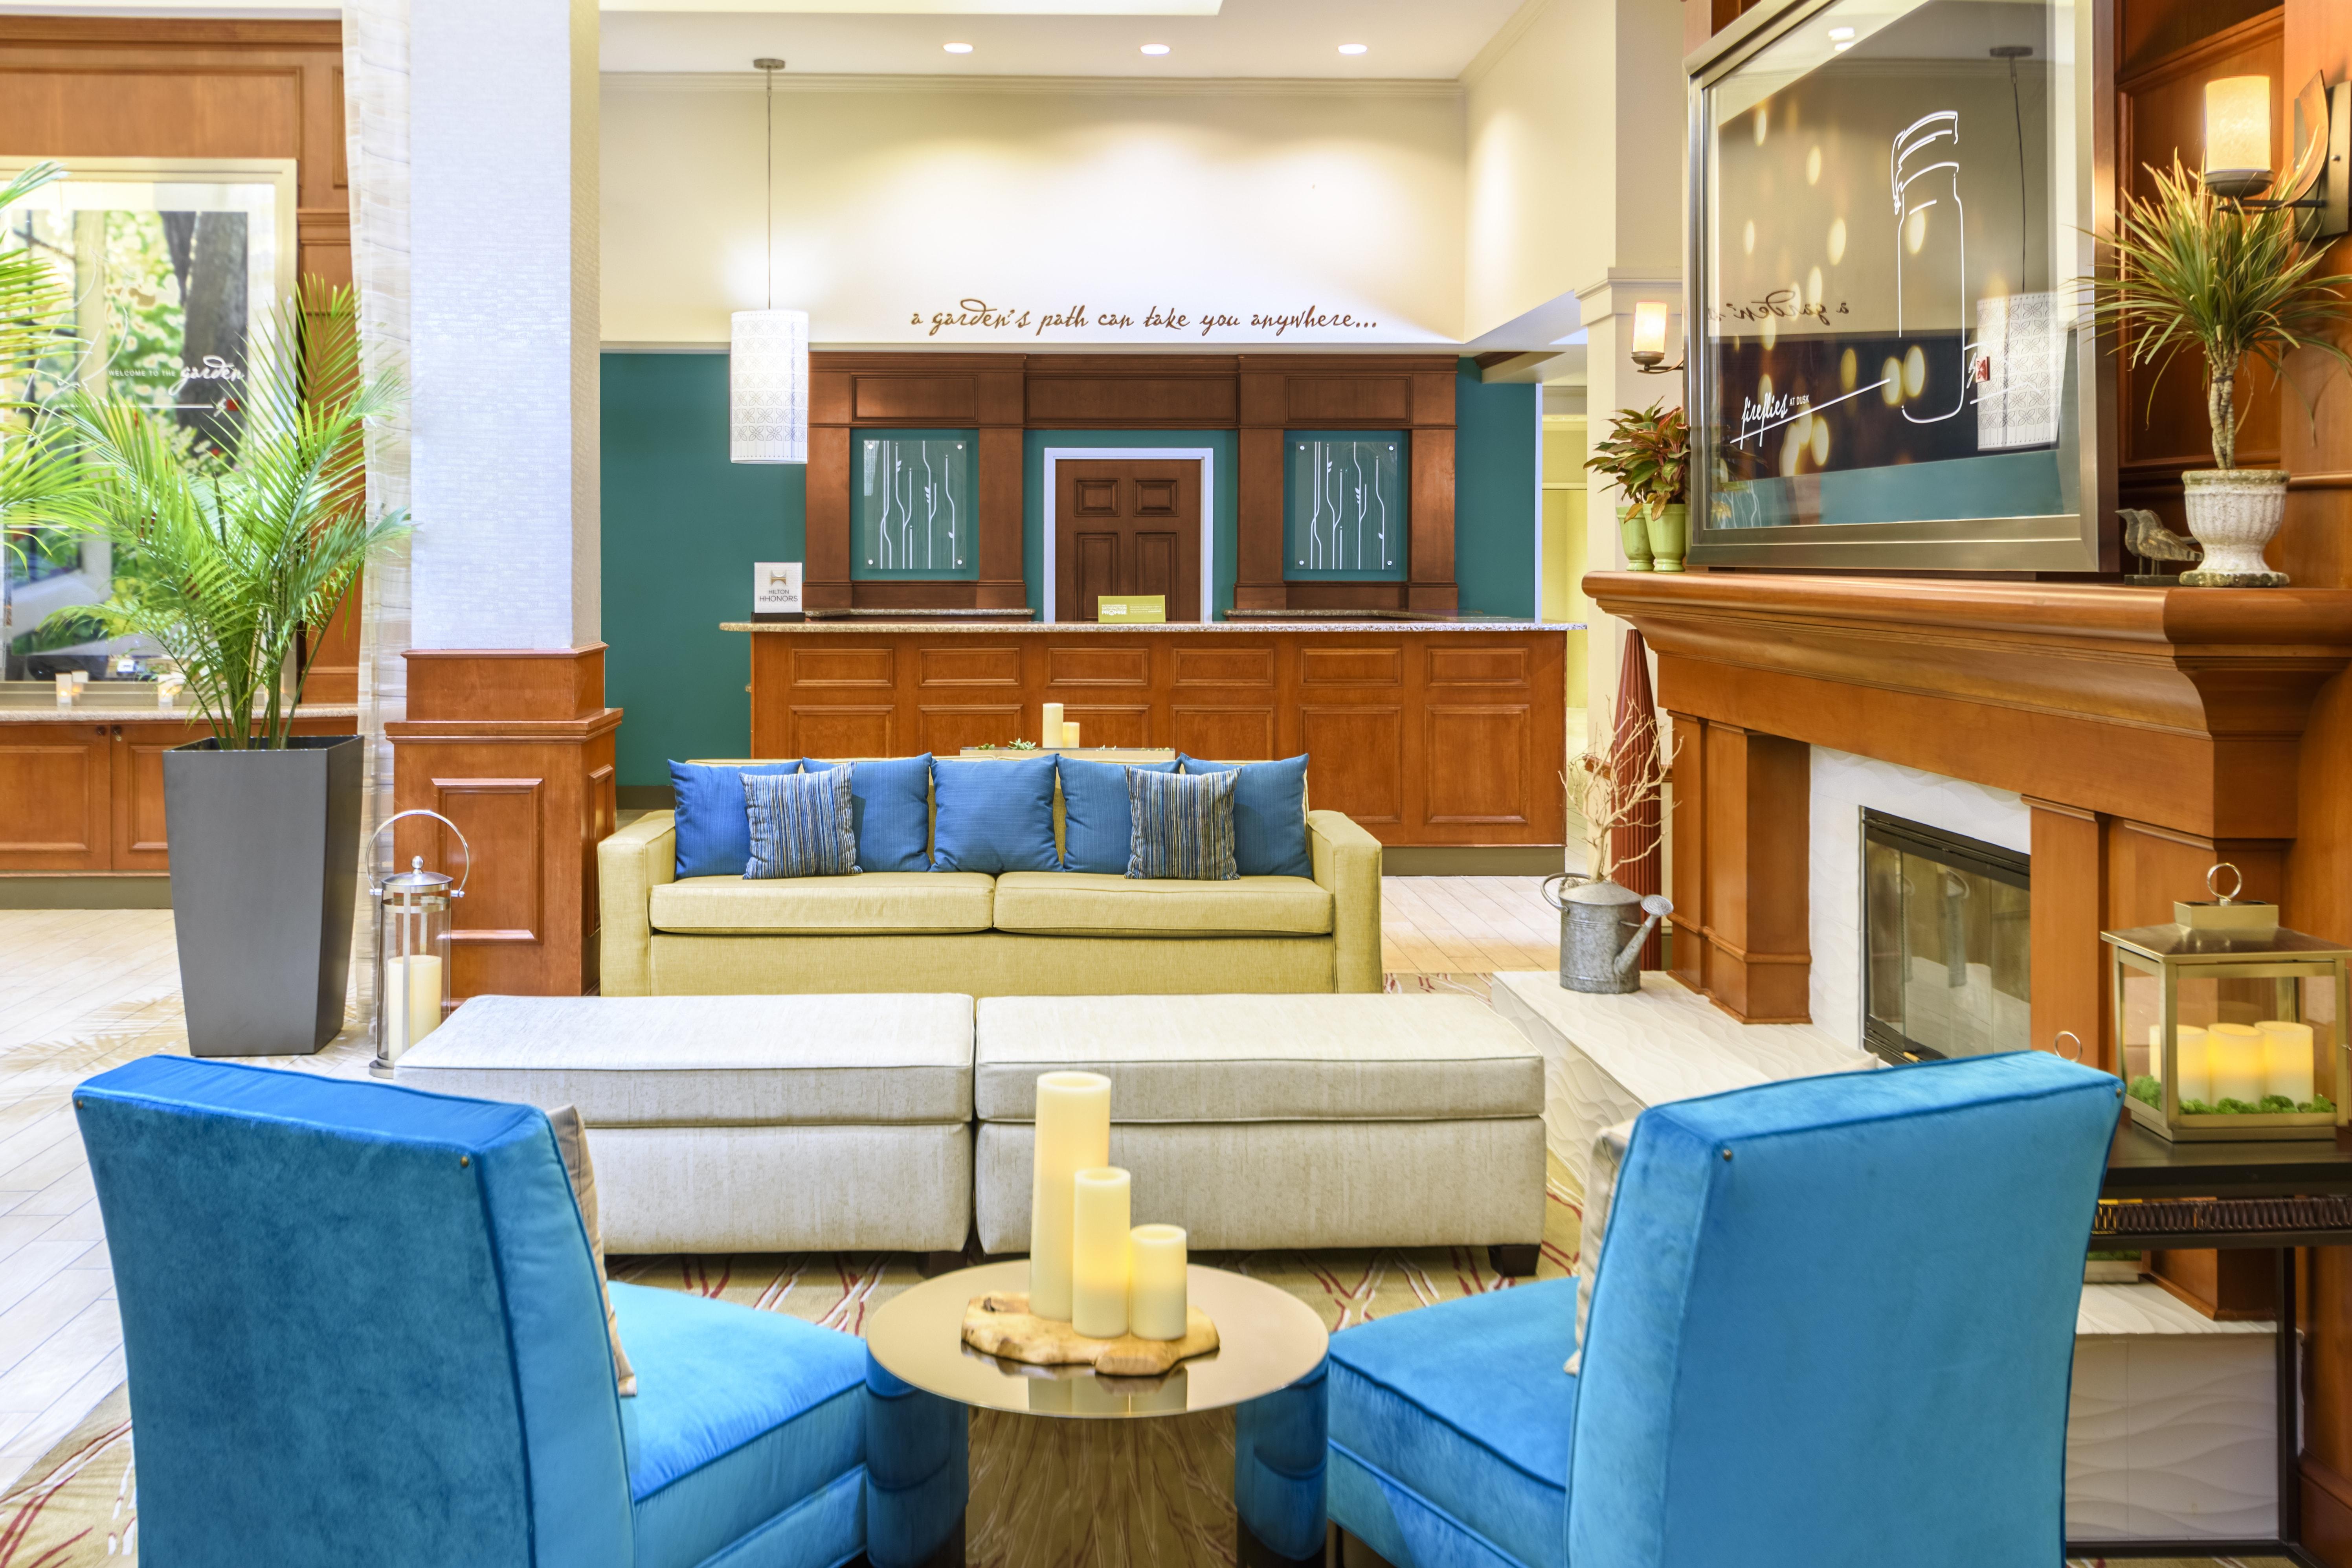 https://www.hotelsbyday.com/_data/default-hotel_image/3/16005/dsc-6283-hdra.jpg